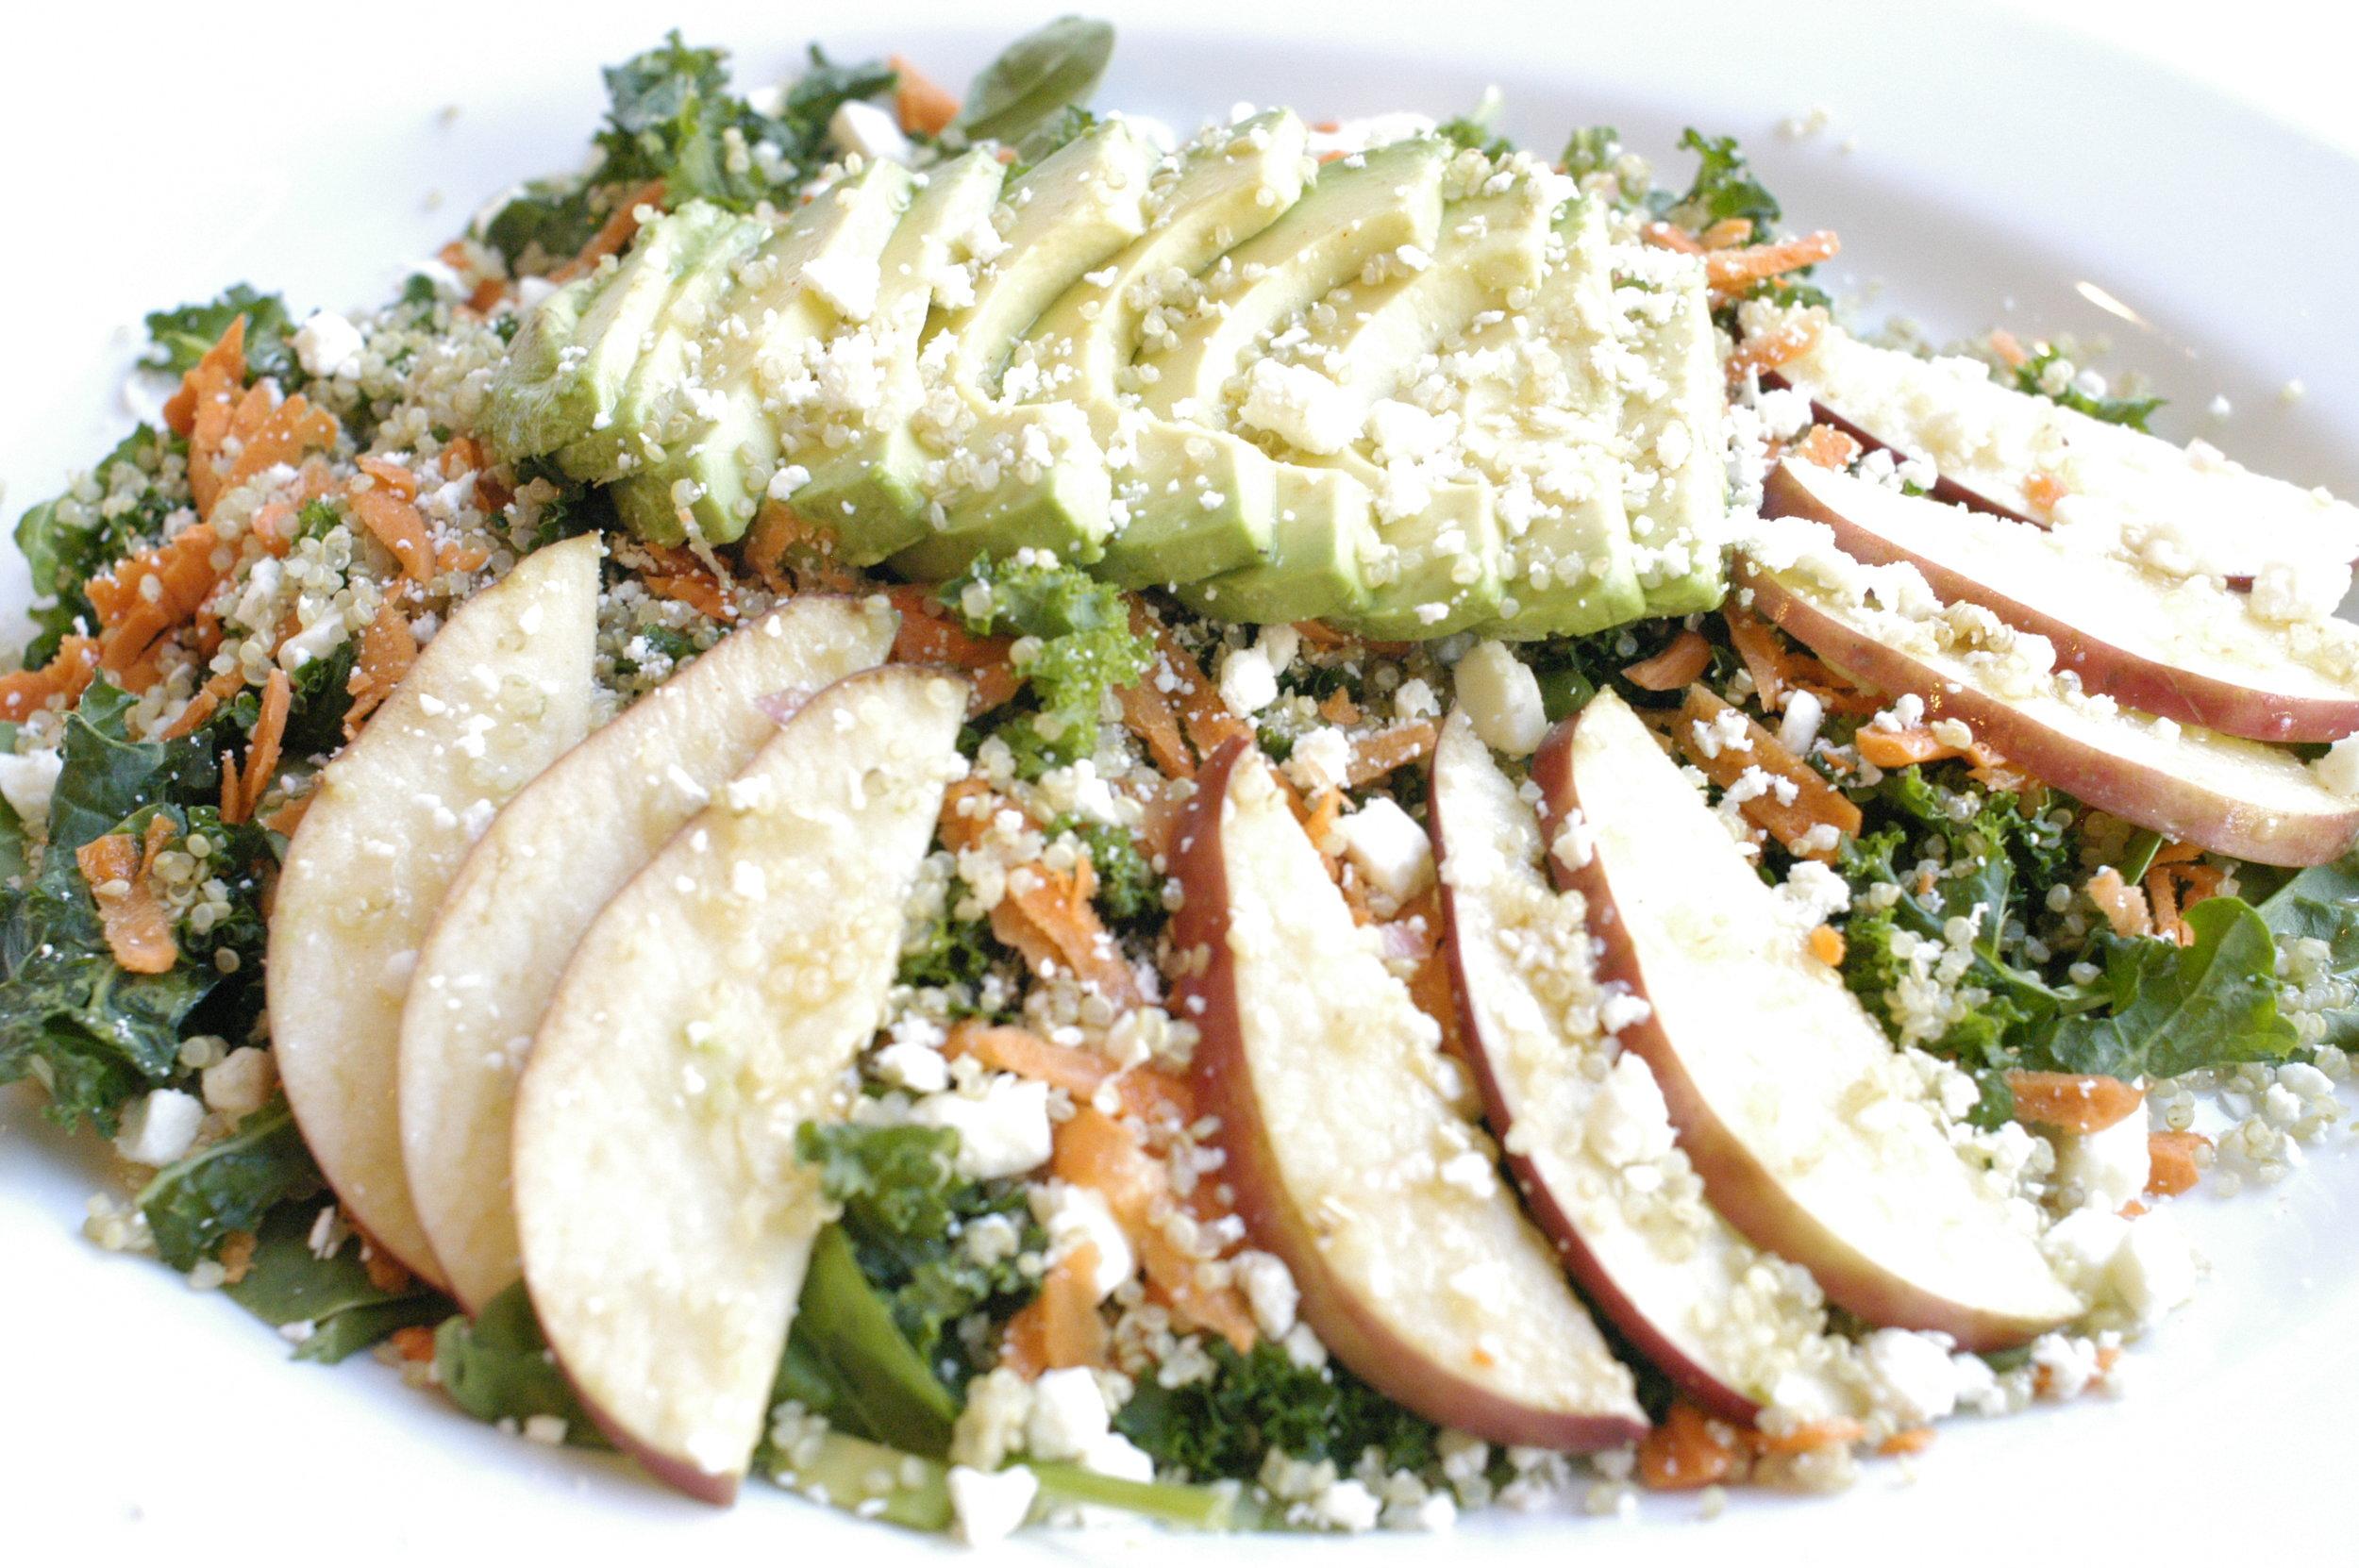 Kale & Spinach with Avocado & Quinoa